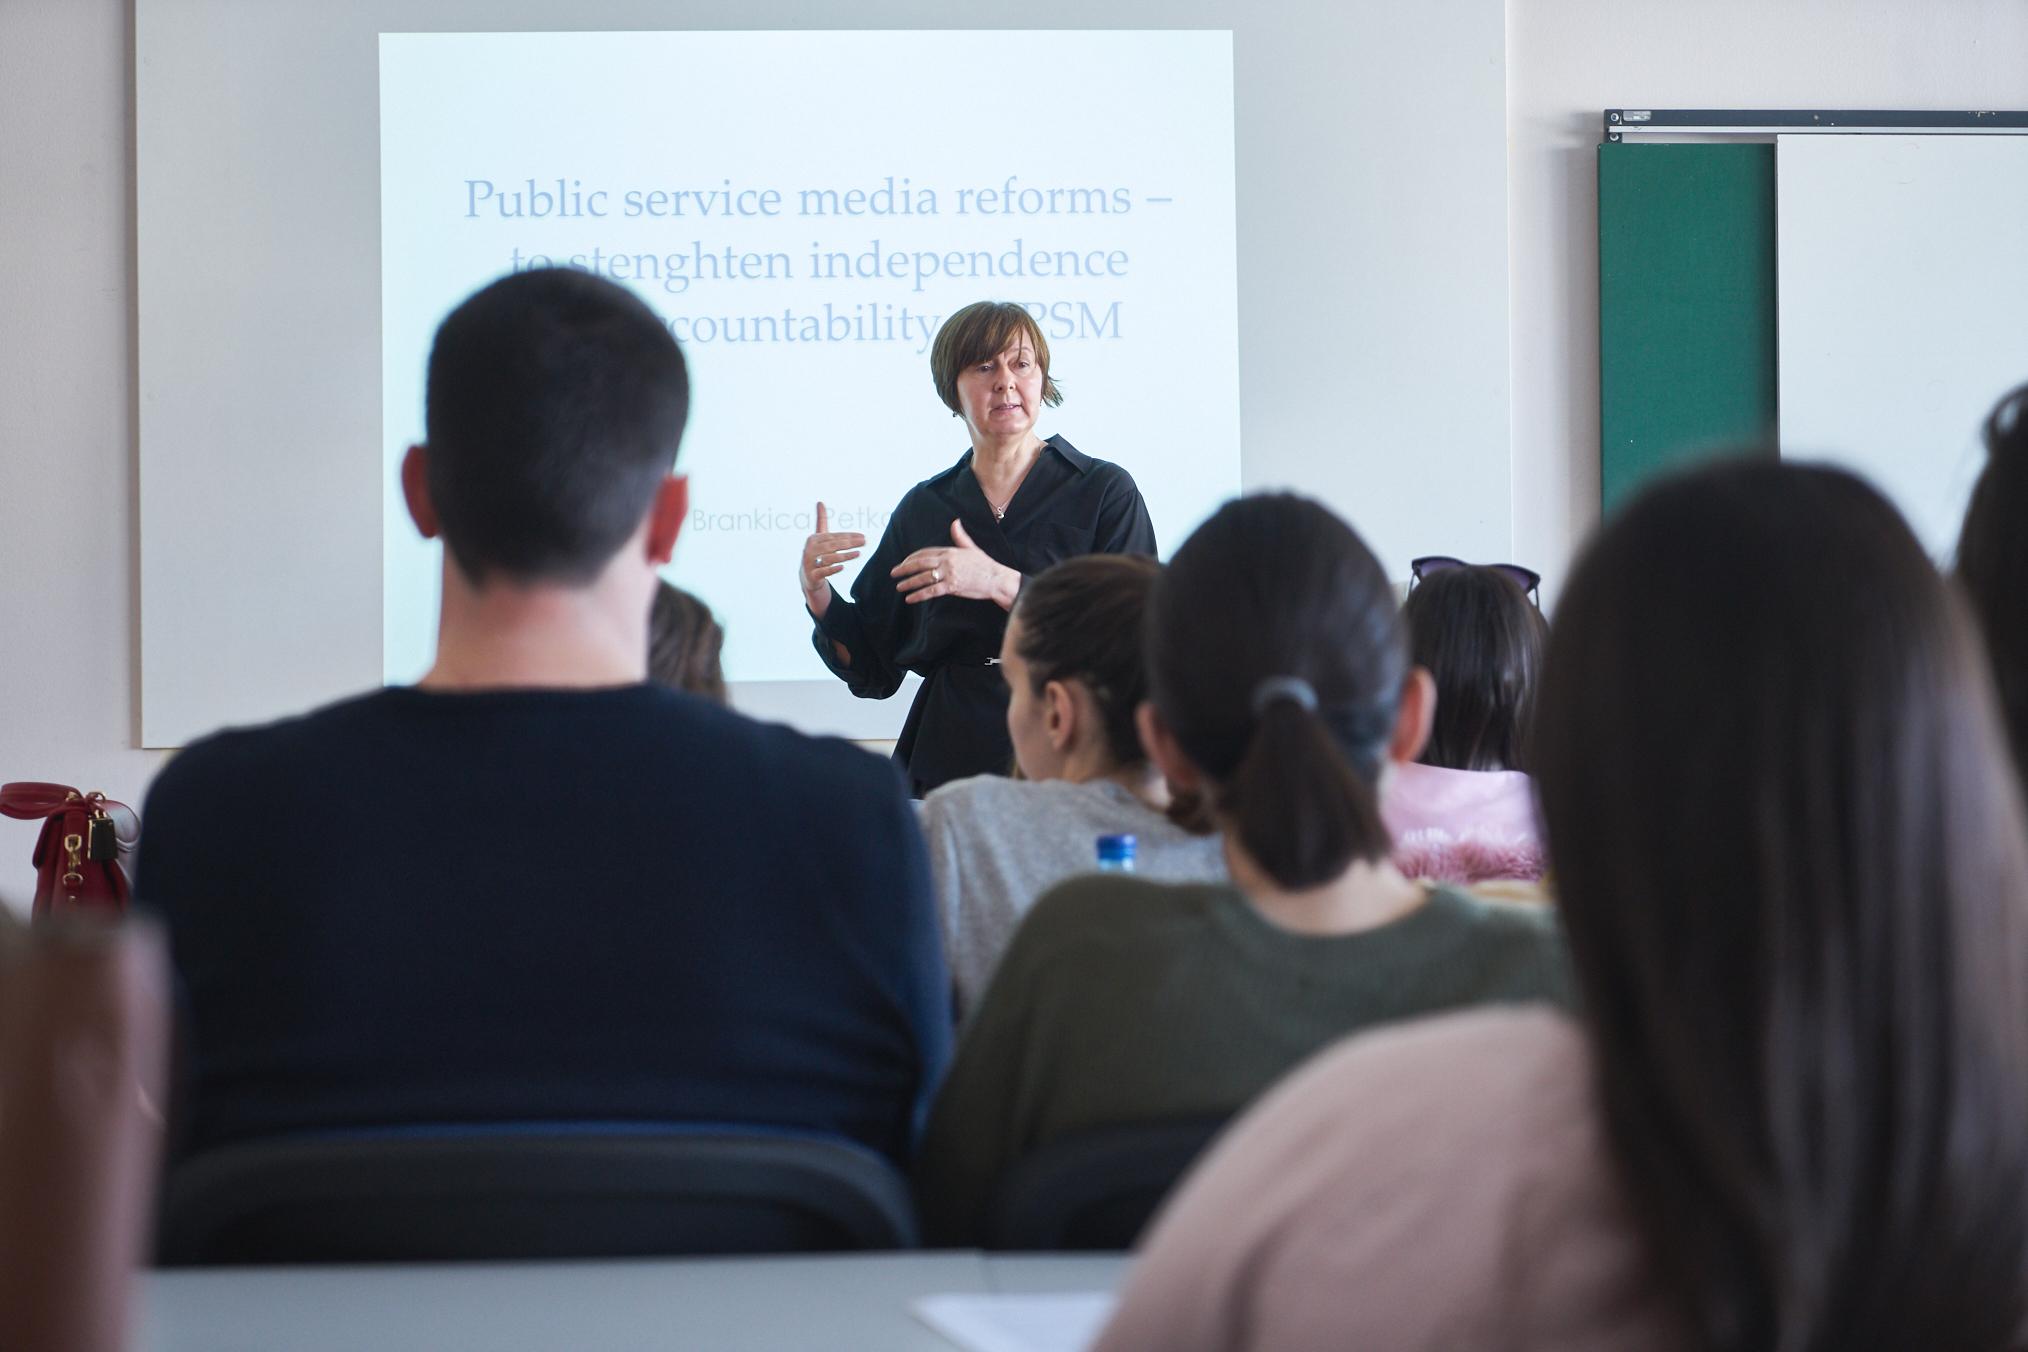 Predavanje Brankice Petković  študentom novinarstva o pomenu in delovanju javnih radiotelevizijskih servisov v Evropi.